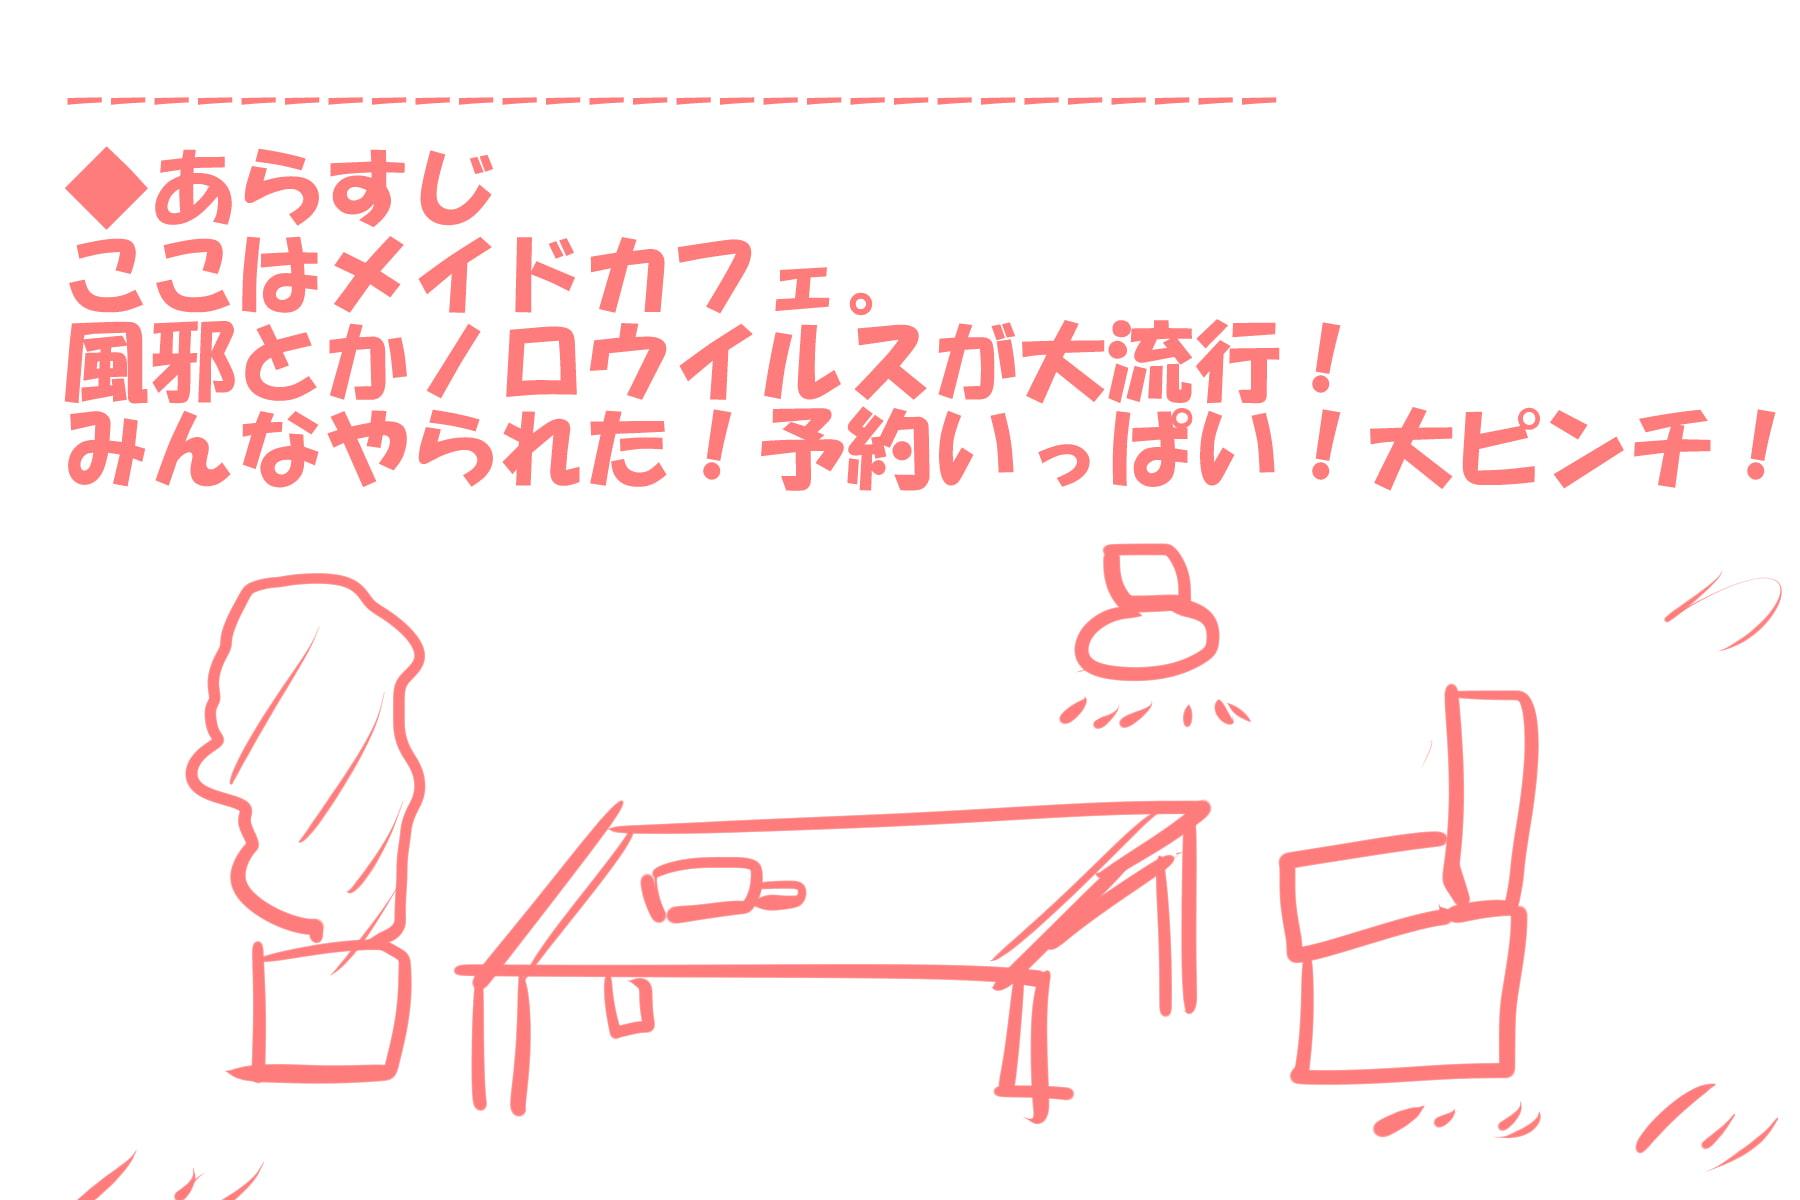 (おねショタ)事務職2年目のオオカミのお姉さんがメイドカフェのヘルプに入ってエロエロなメイドプレイでセックスすることになった話◆ハル姉さん01